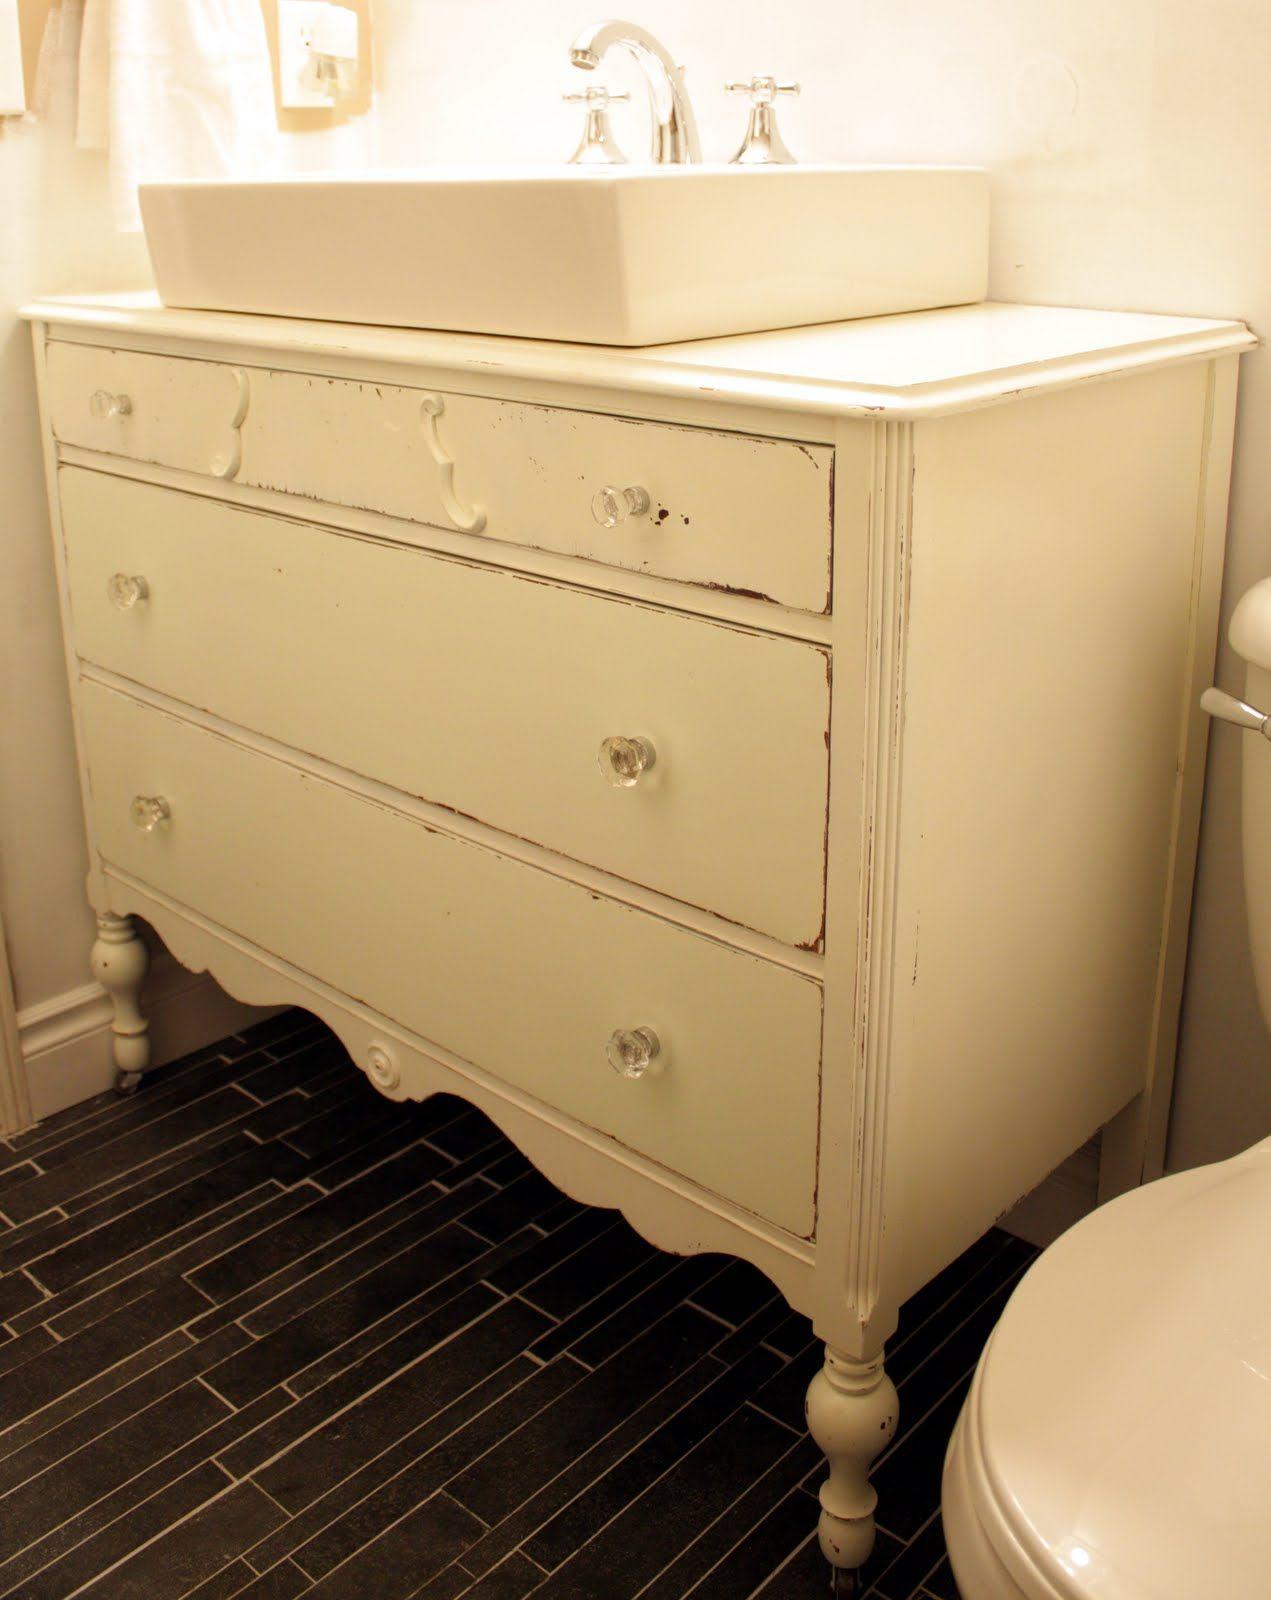 2 waschbecken badezimmer eitelkeiten dresser transformations  odd ideas  pinterest  kommode